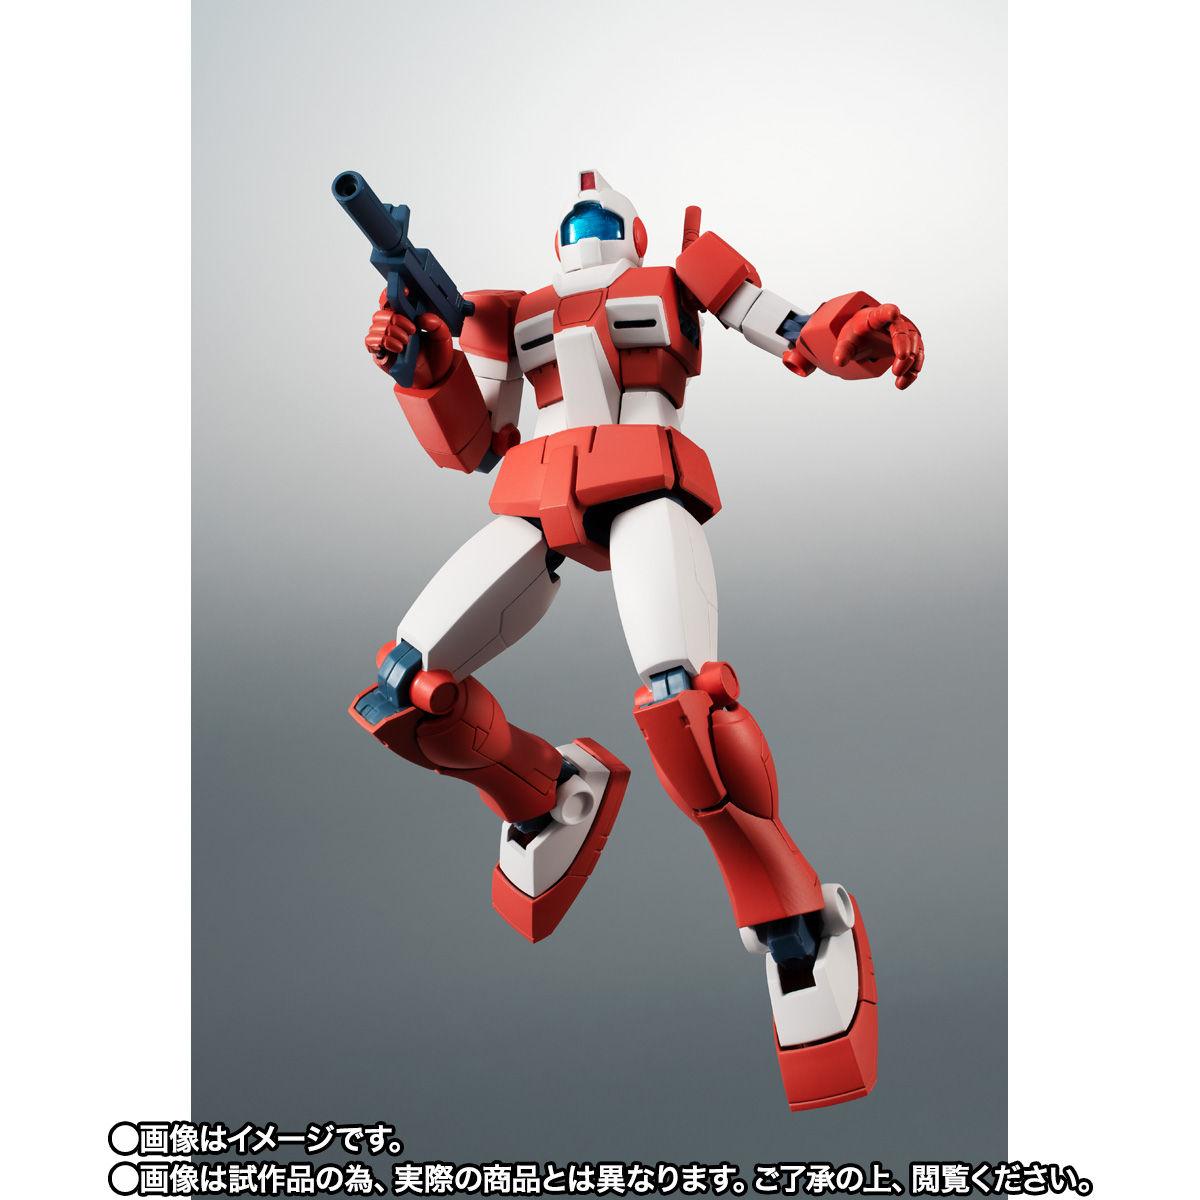 【限定販売】ROBOT魂〈SIDE MS〉『RGM-79L ジム・ライトアーマー ver. A.N.I.M.E.』ガンダムMSV 可動フィギュア-002